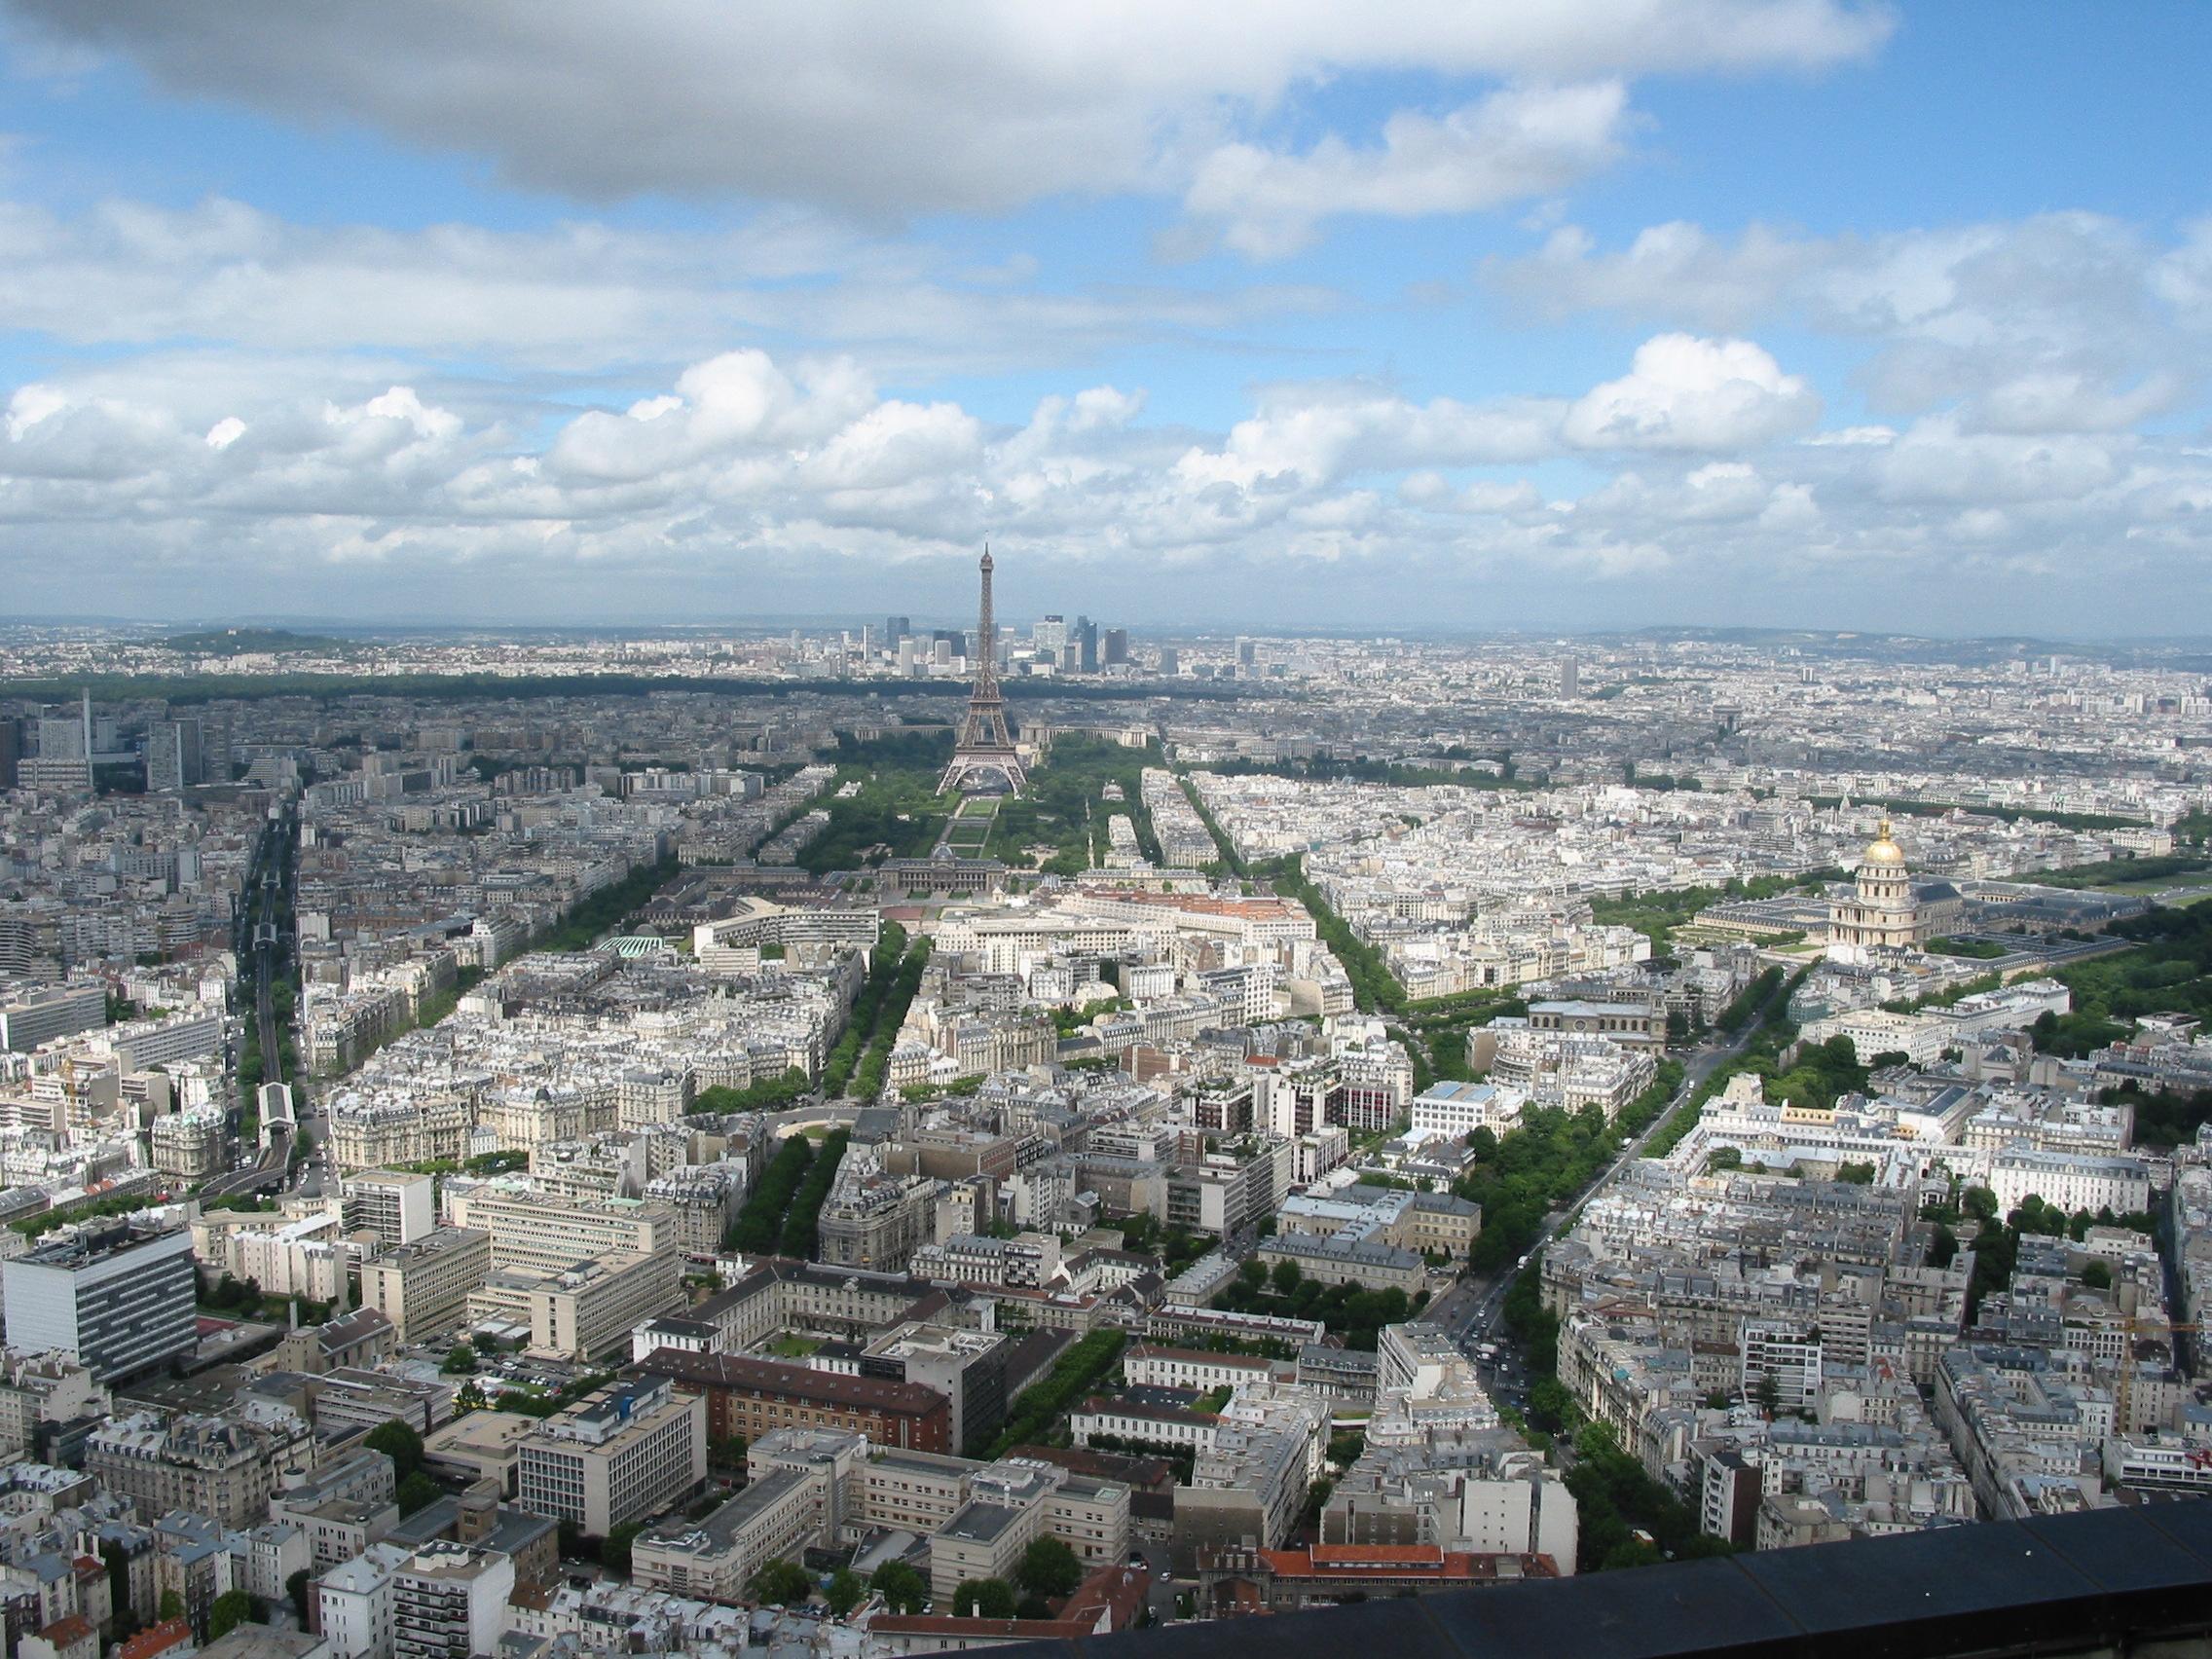 Paris France city overview